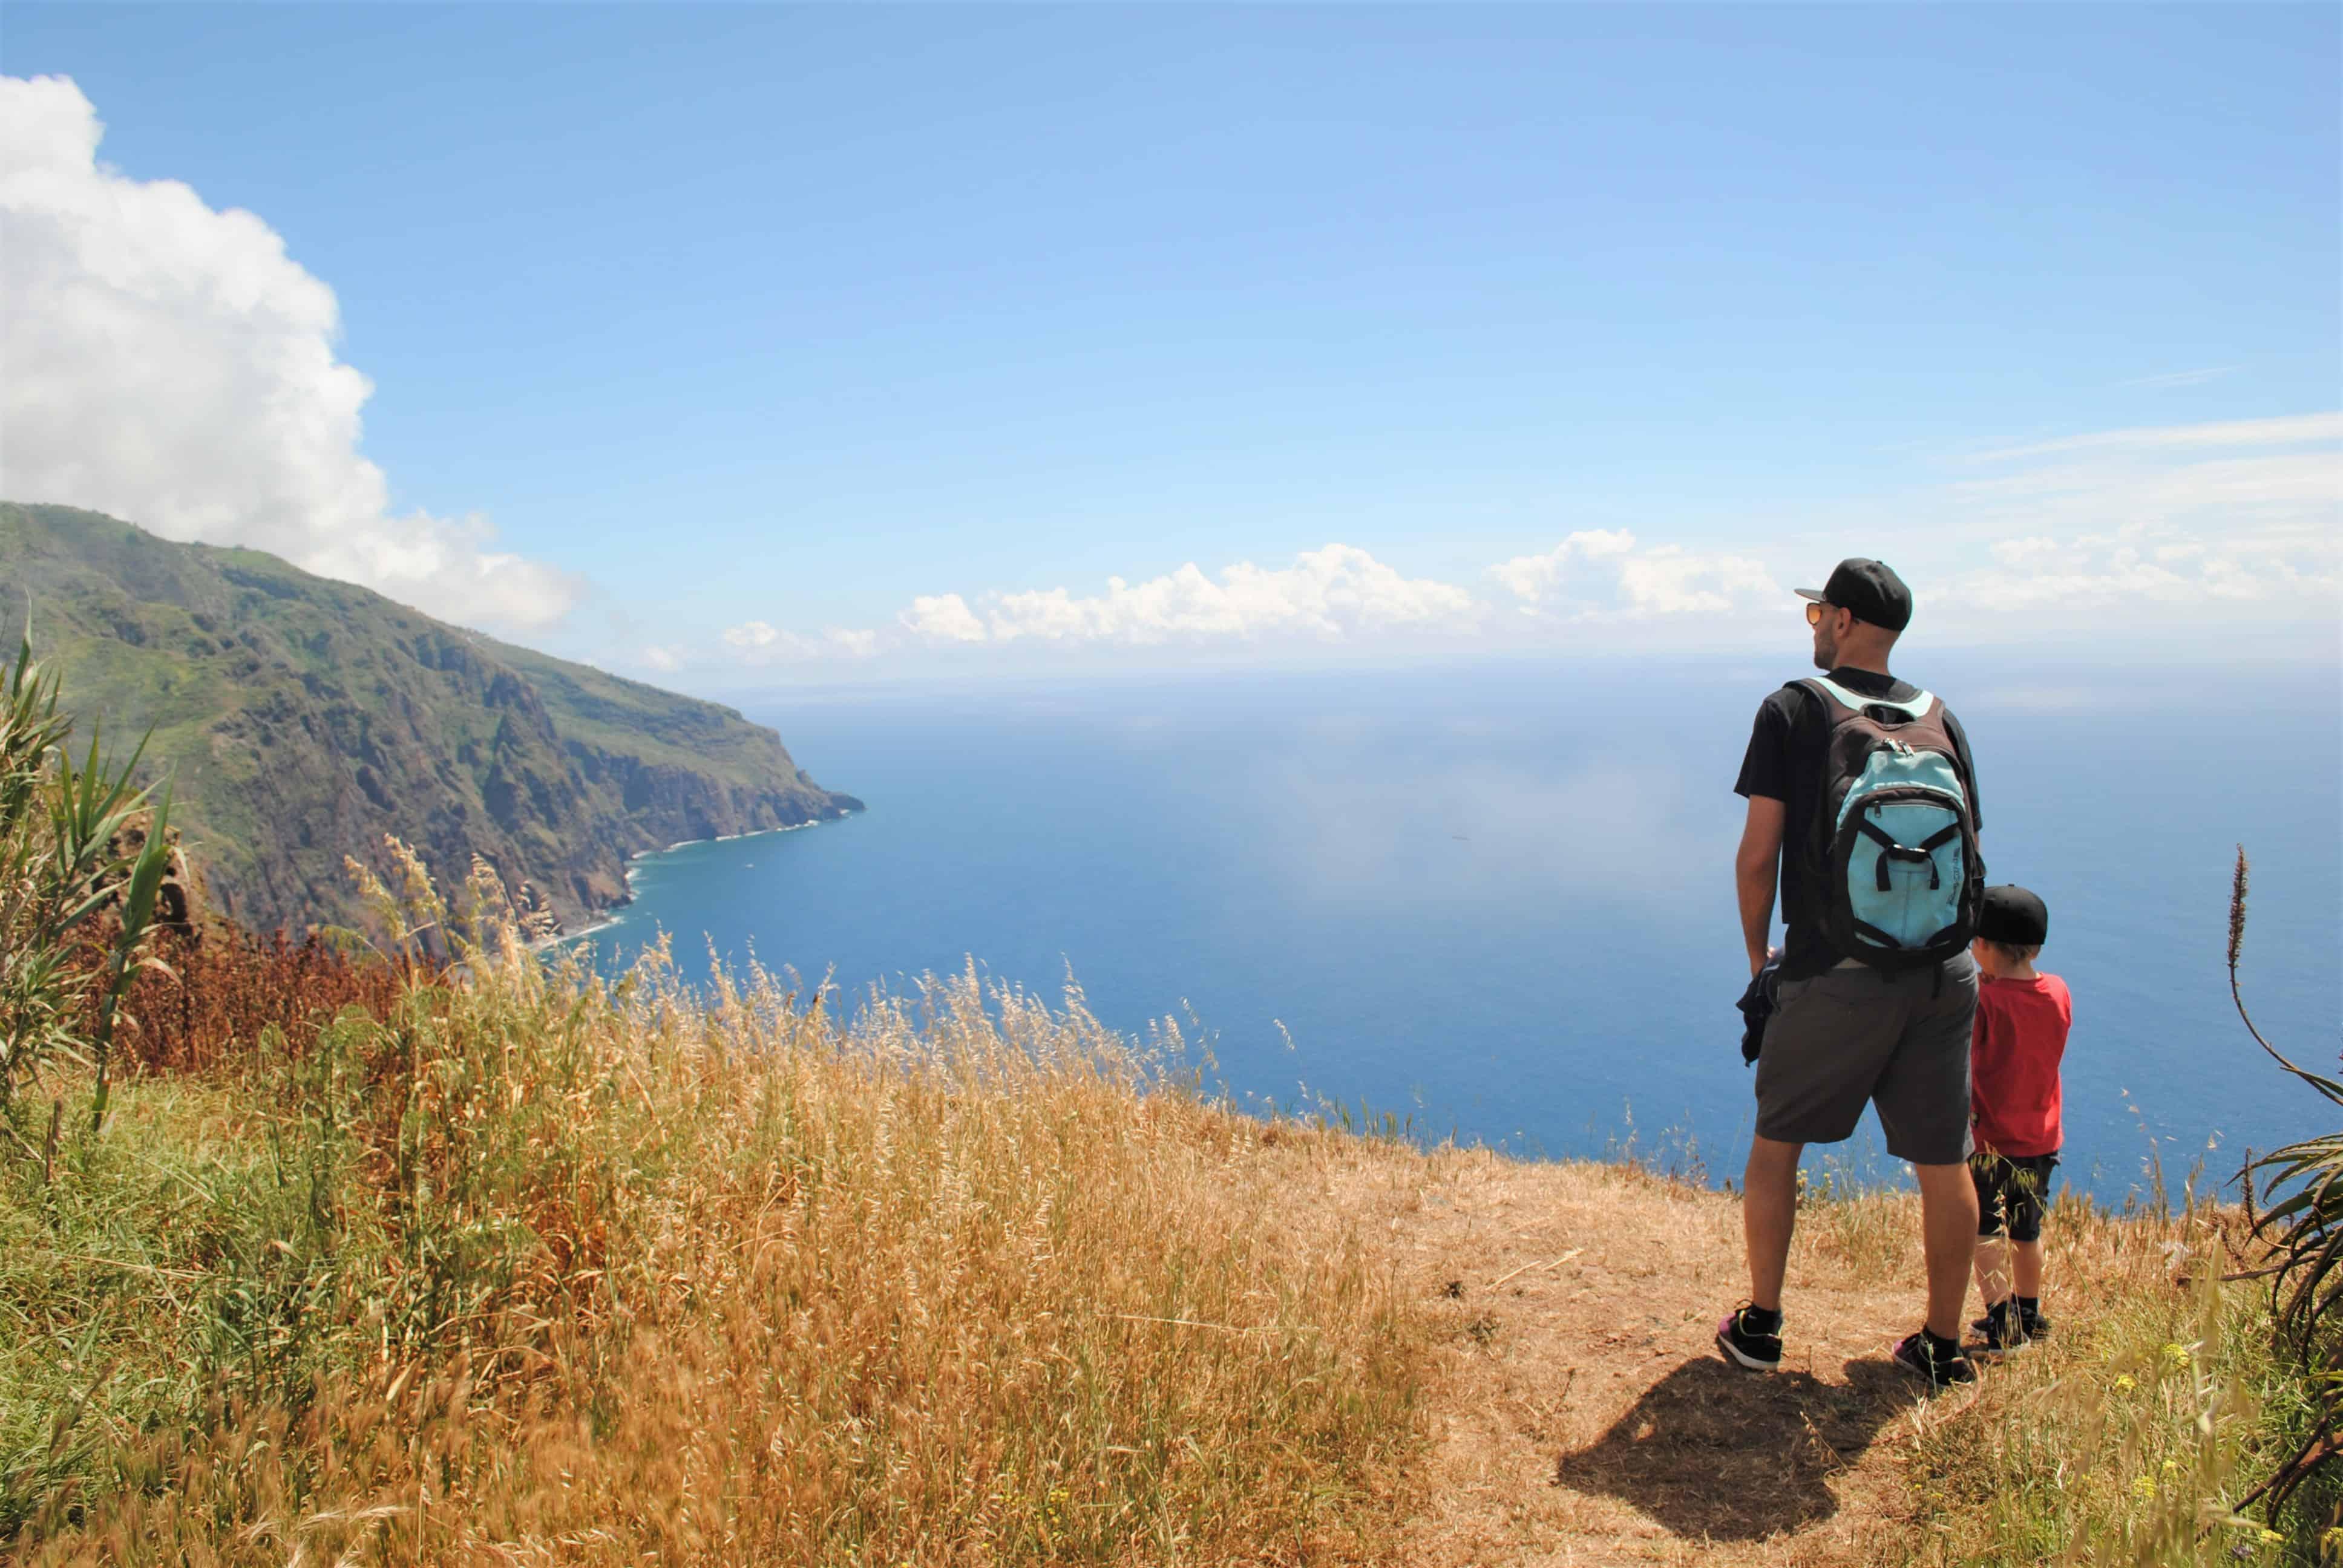 Razgled na mogočne klife - Ponta do Pargo, Madeira